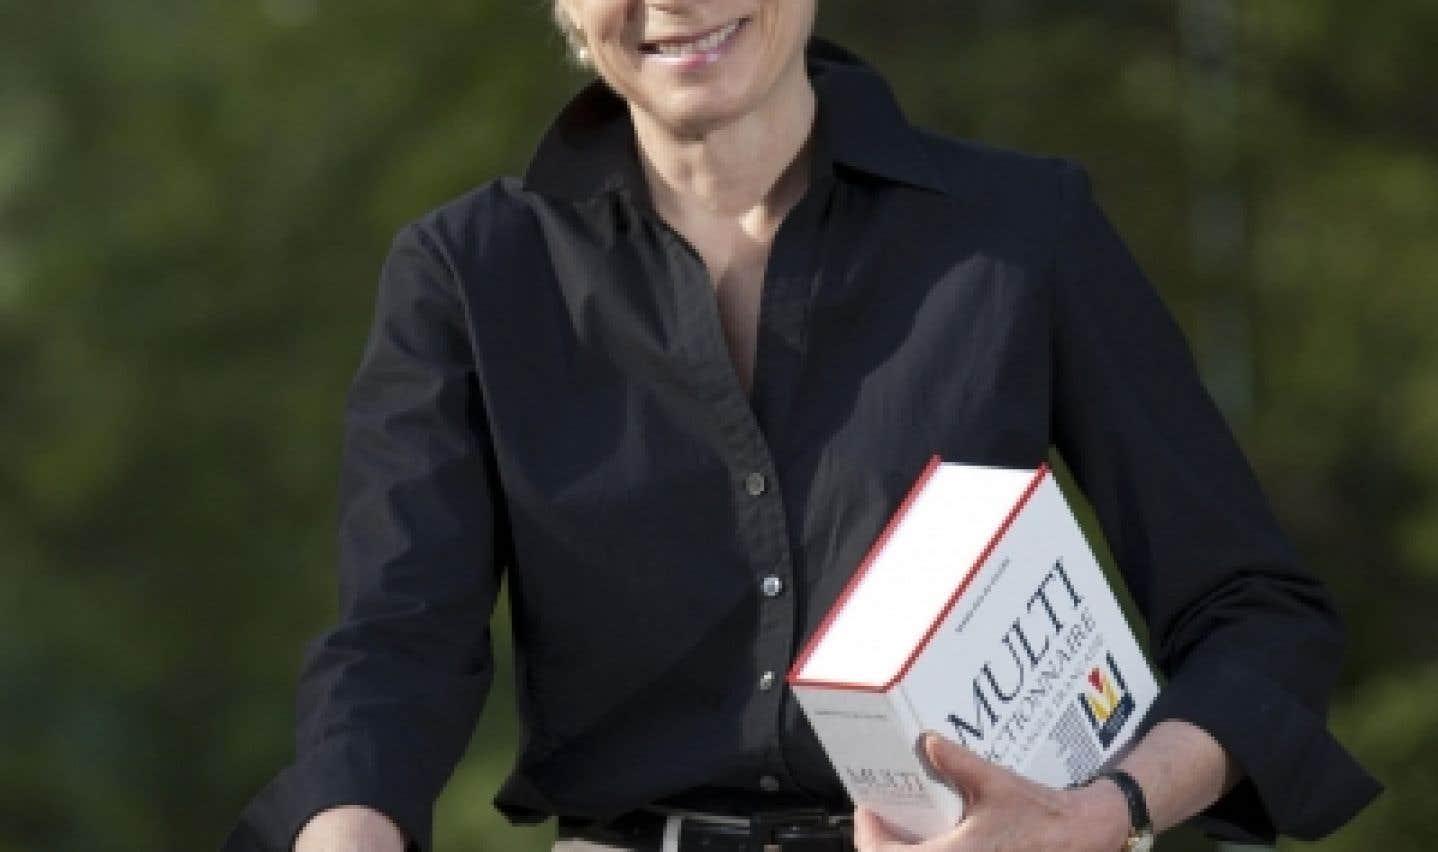 L'intérêt de la 4e Journée québécoise des dictionnaires, selon Monique C. Cormier, est d'obtenir de nouvelles réponses de la part des conférenciers et de mieux saisir cette histoire en train de s'écrire.